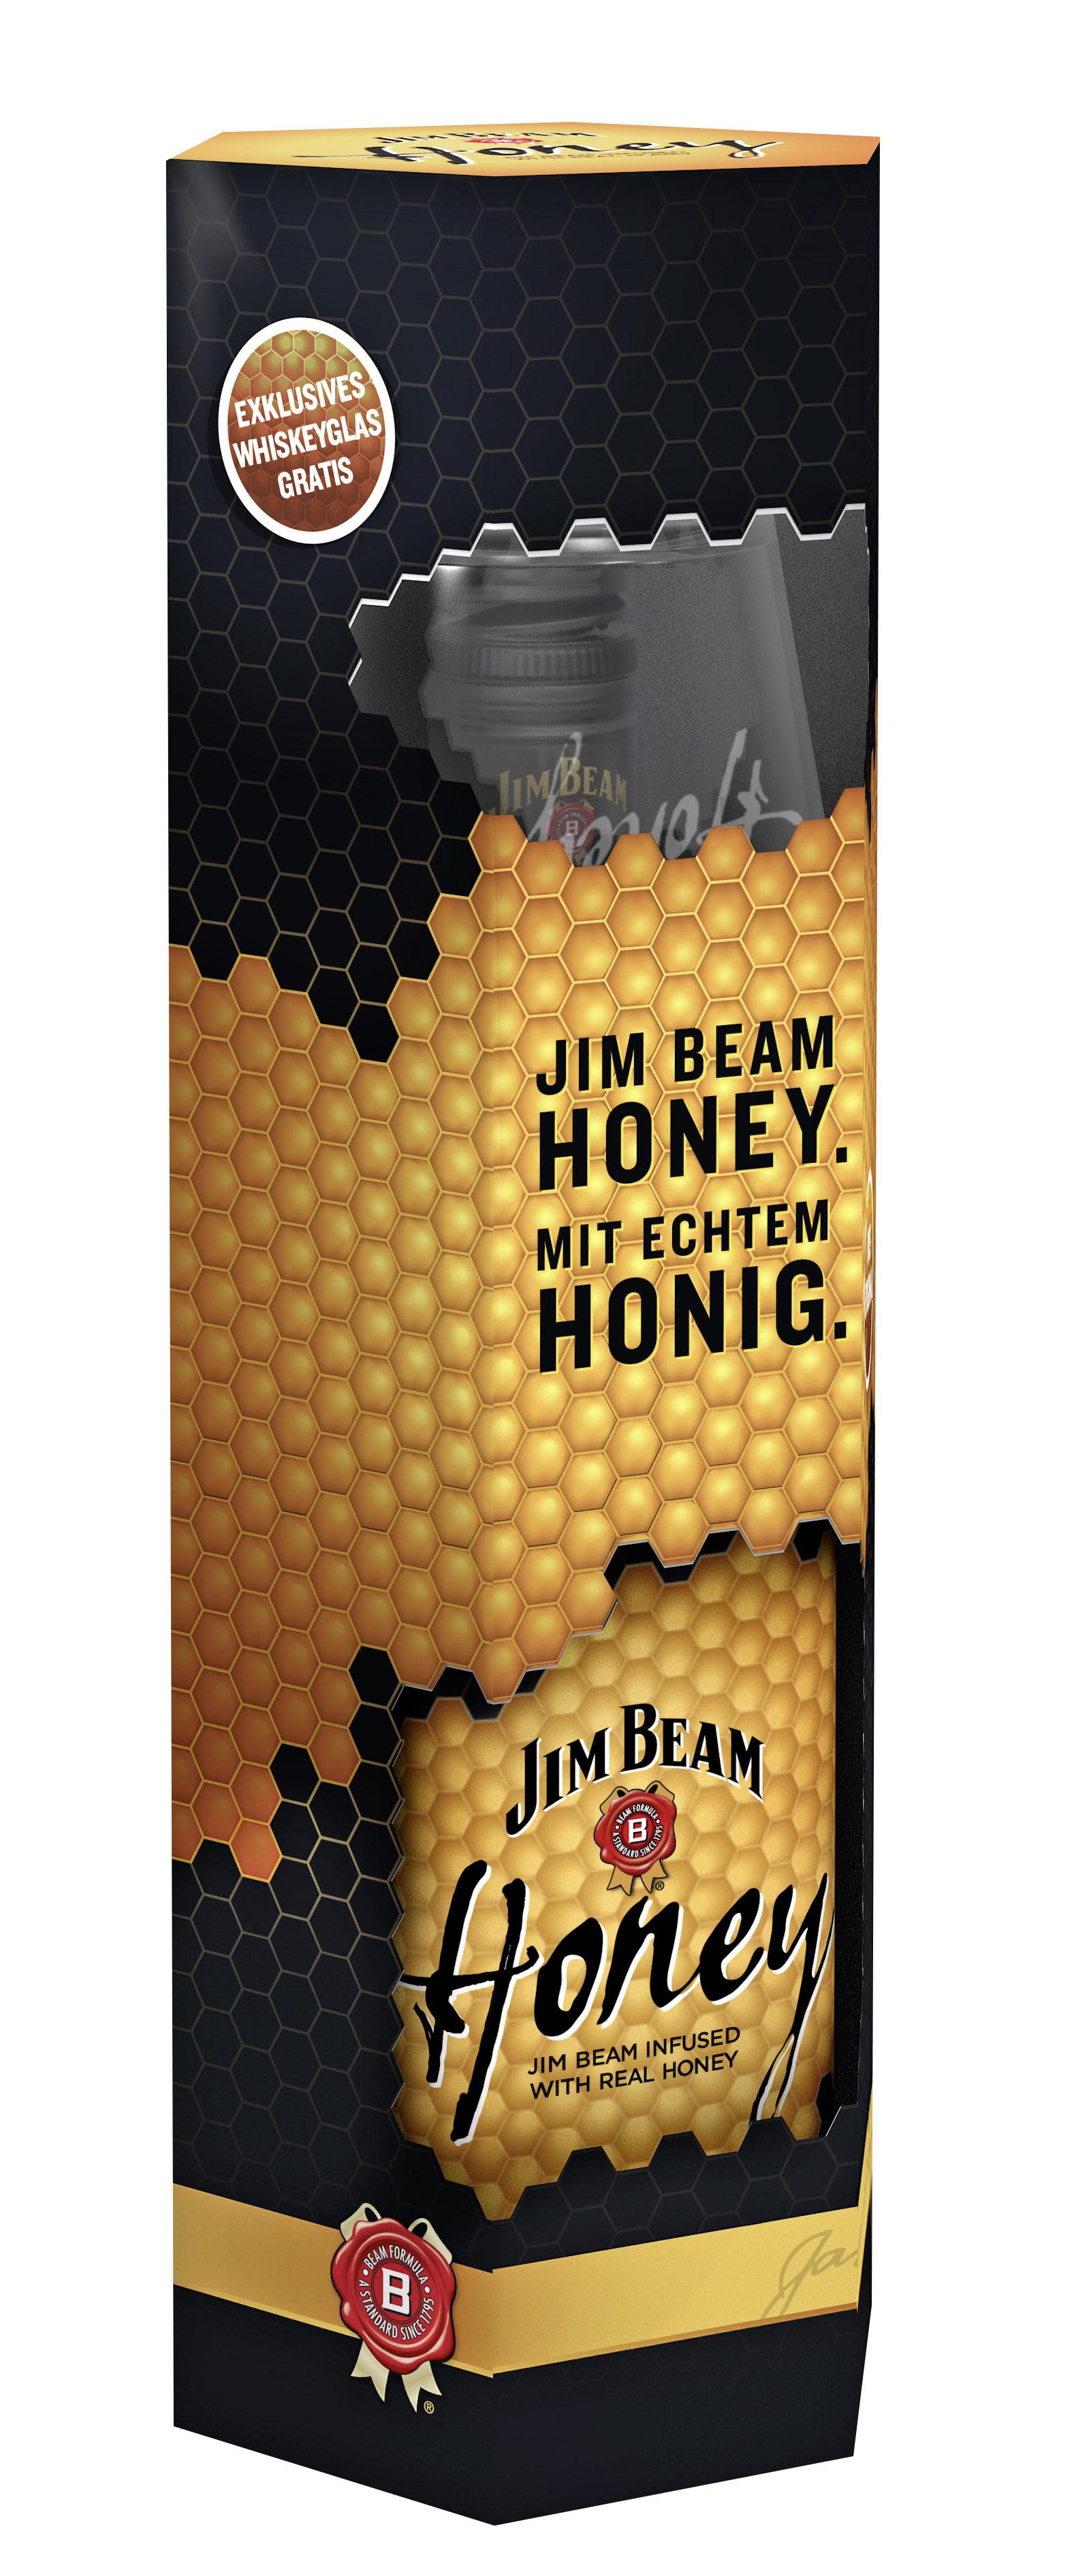 Jim Beam Honey mit echtem Honig